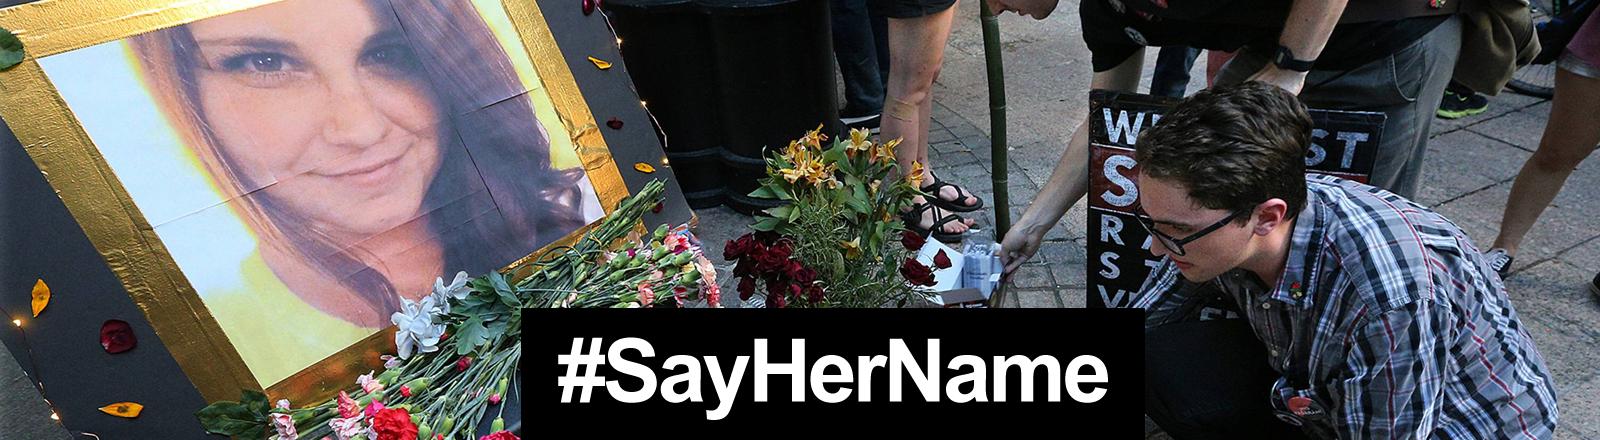 Vor einem Bild von Heather Heyer werden Blumen niedergelegt und Grabkerzen entzündet